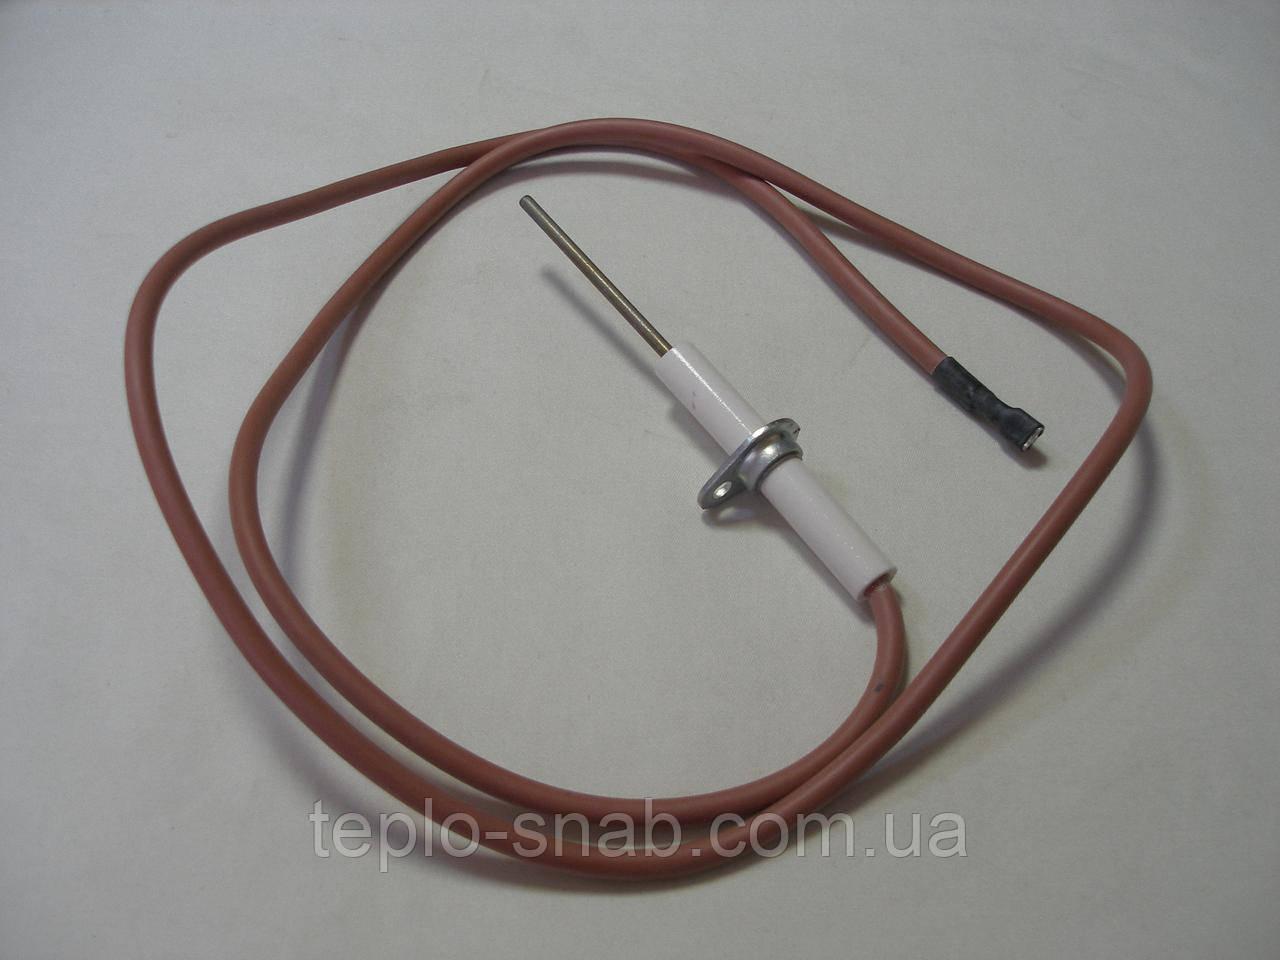 Электрод ионизации Baxi Slim с кабелем - 8620290